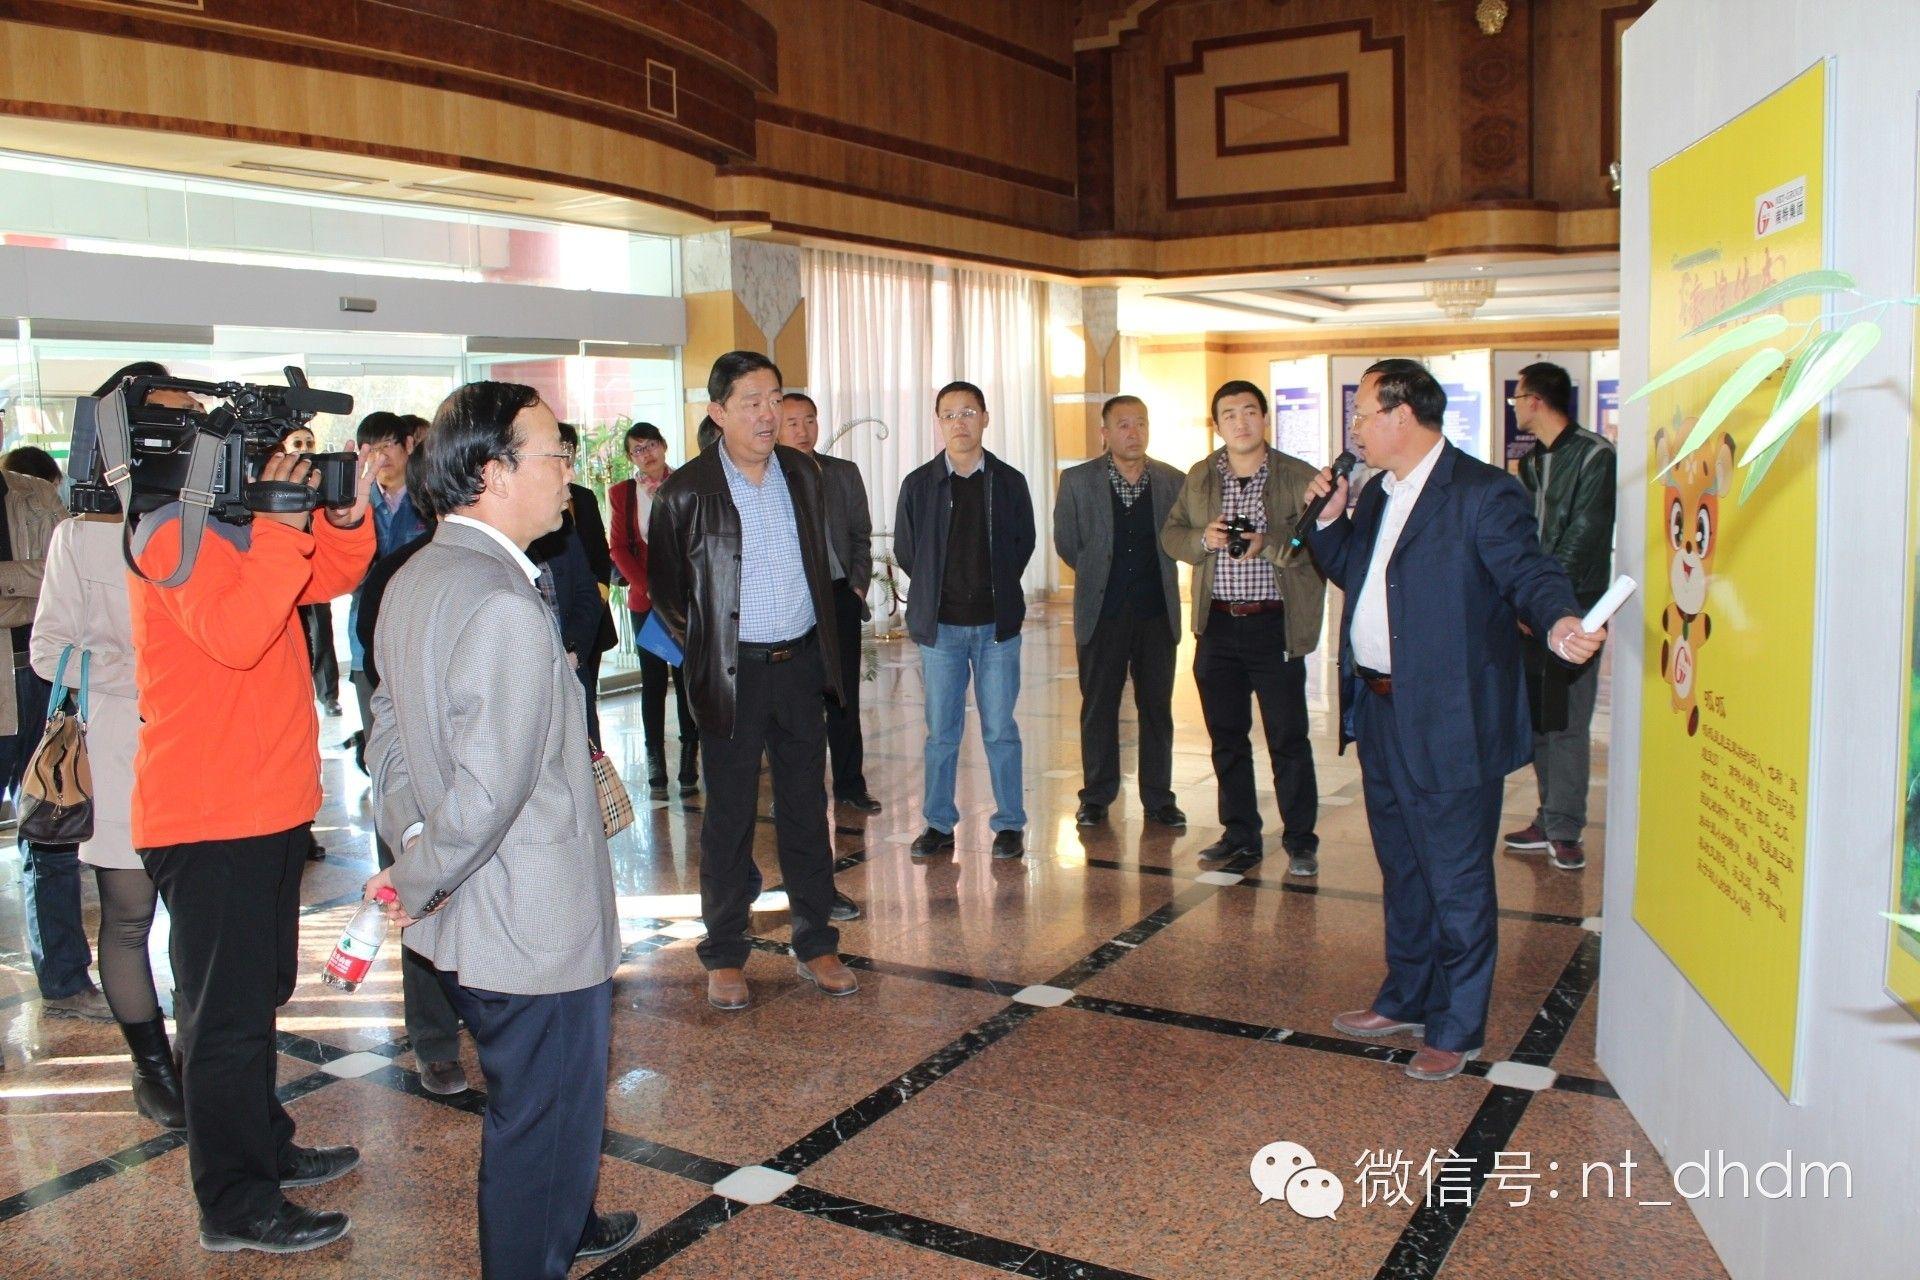 敦煌文化创意产业园总经理曹玉成又带领图片